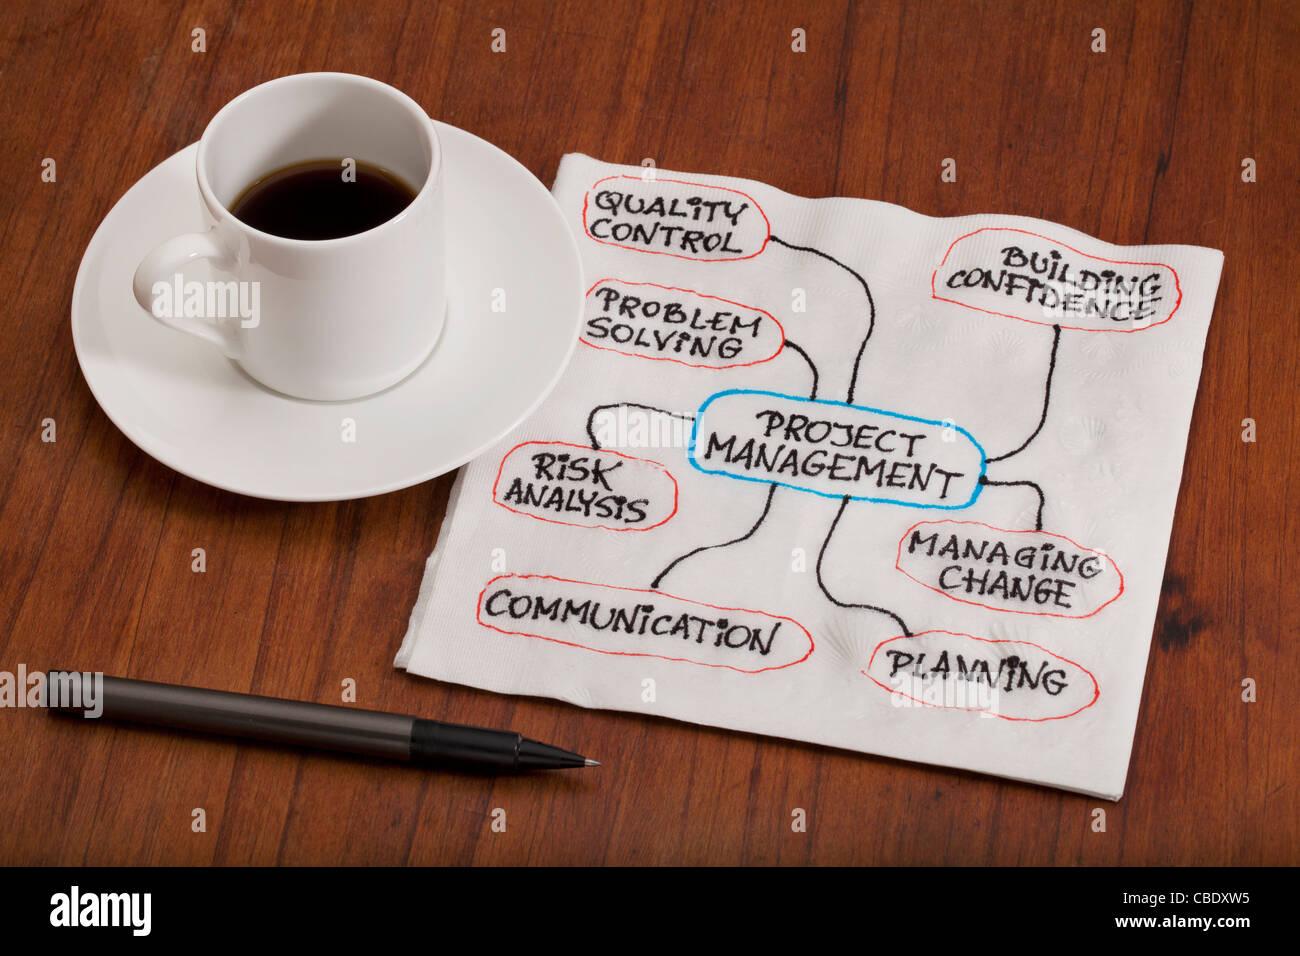 Projekt-Management-Konzept - Flussdiagramm oder Mind Map als eine Serviette Doodle auf Tisch mit Kaffee Espressotasse Stockbild